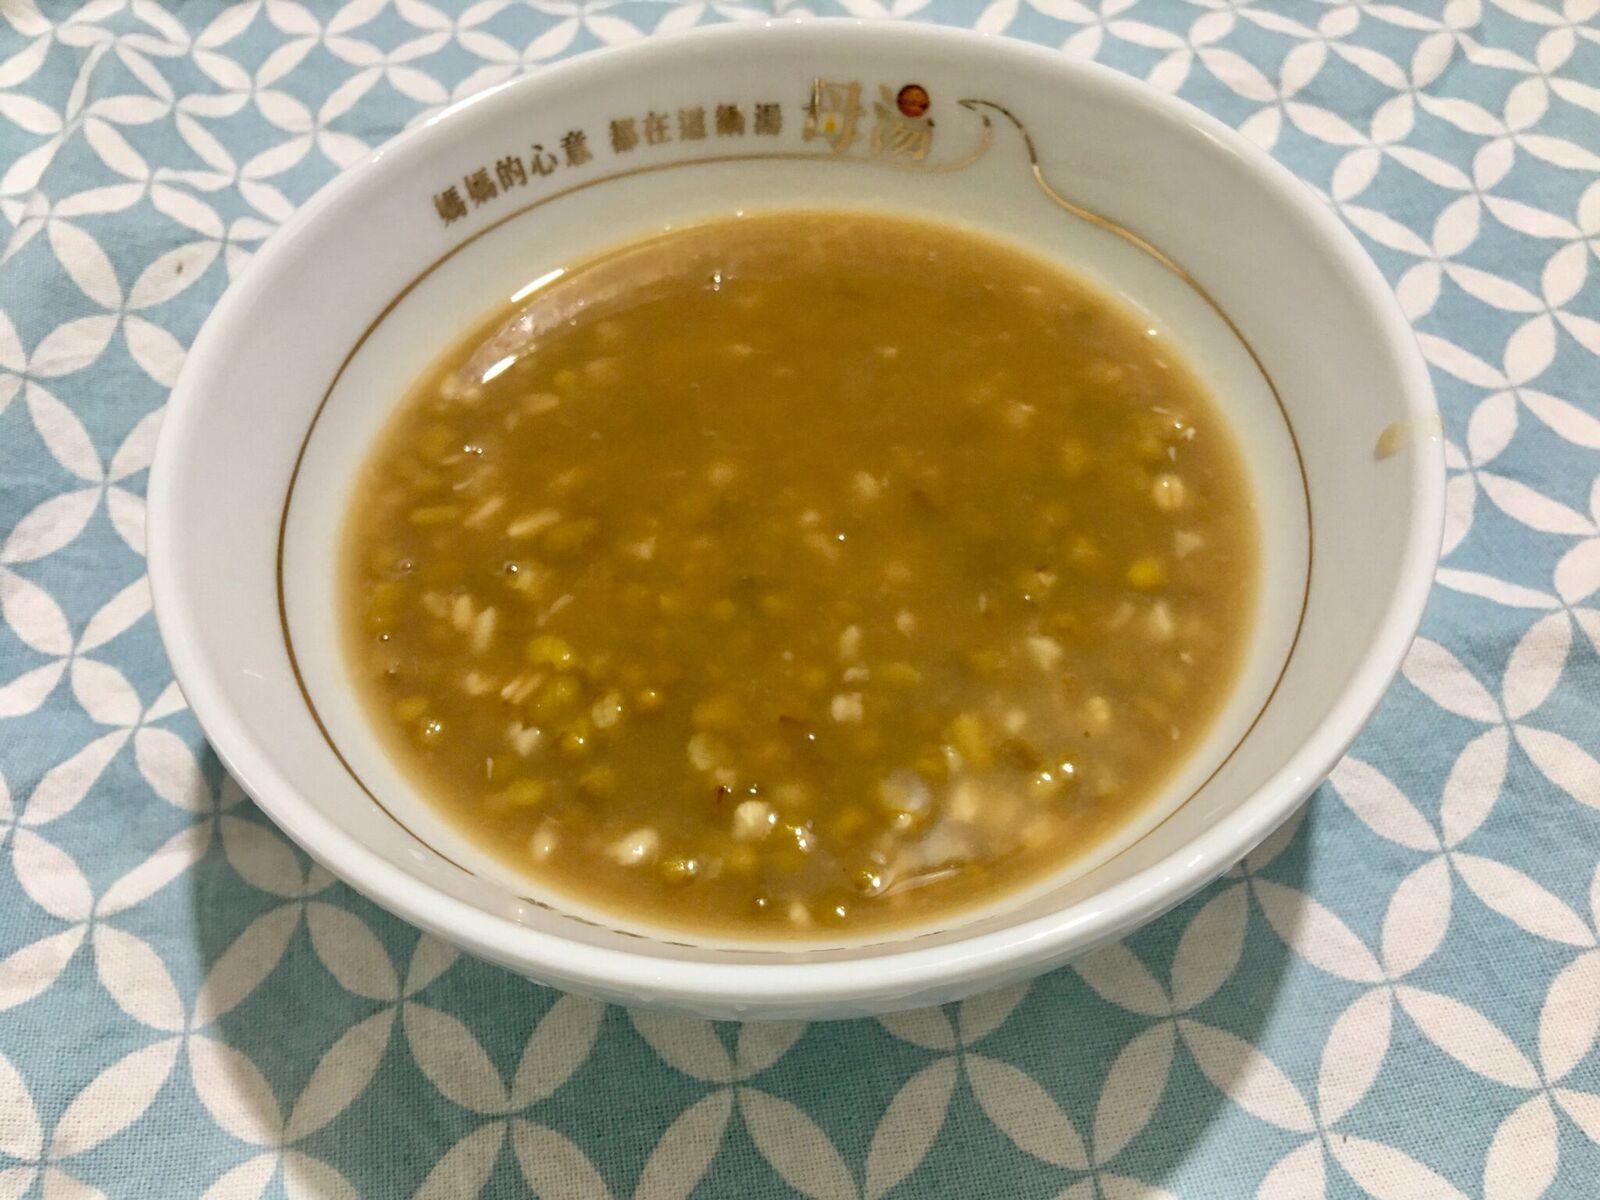 【飛利浦智慧萬用鍋】綠豆薏仁湯